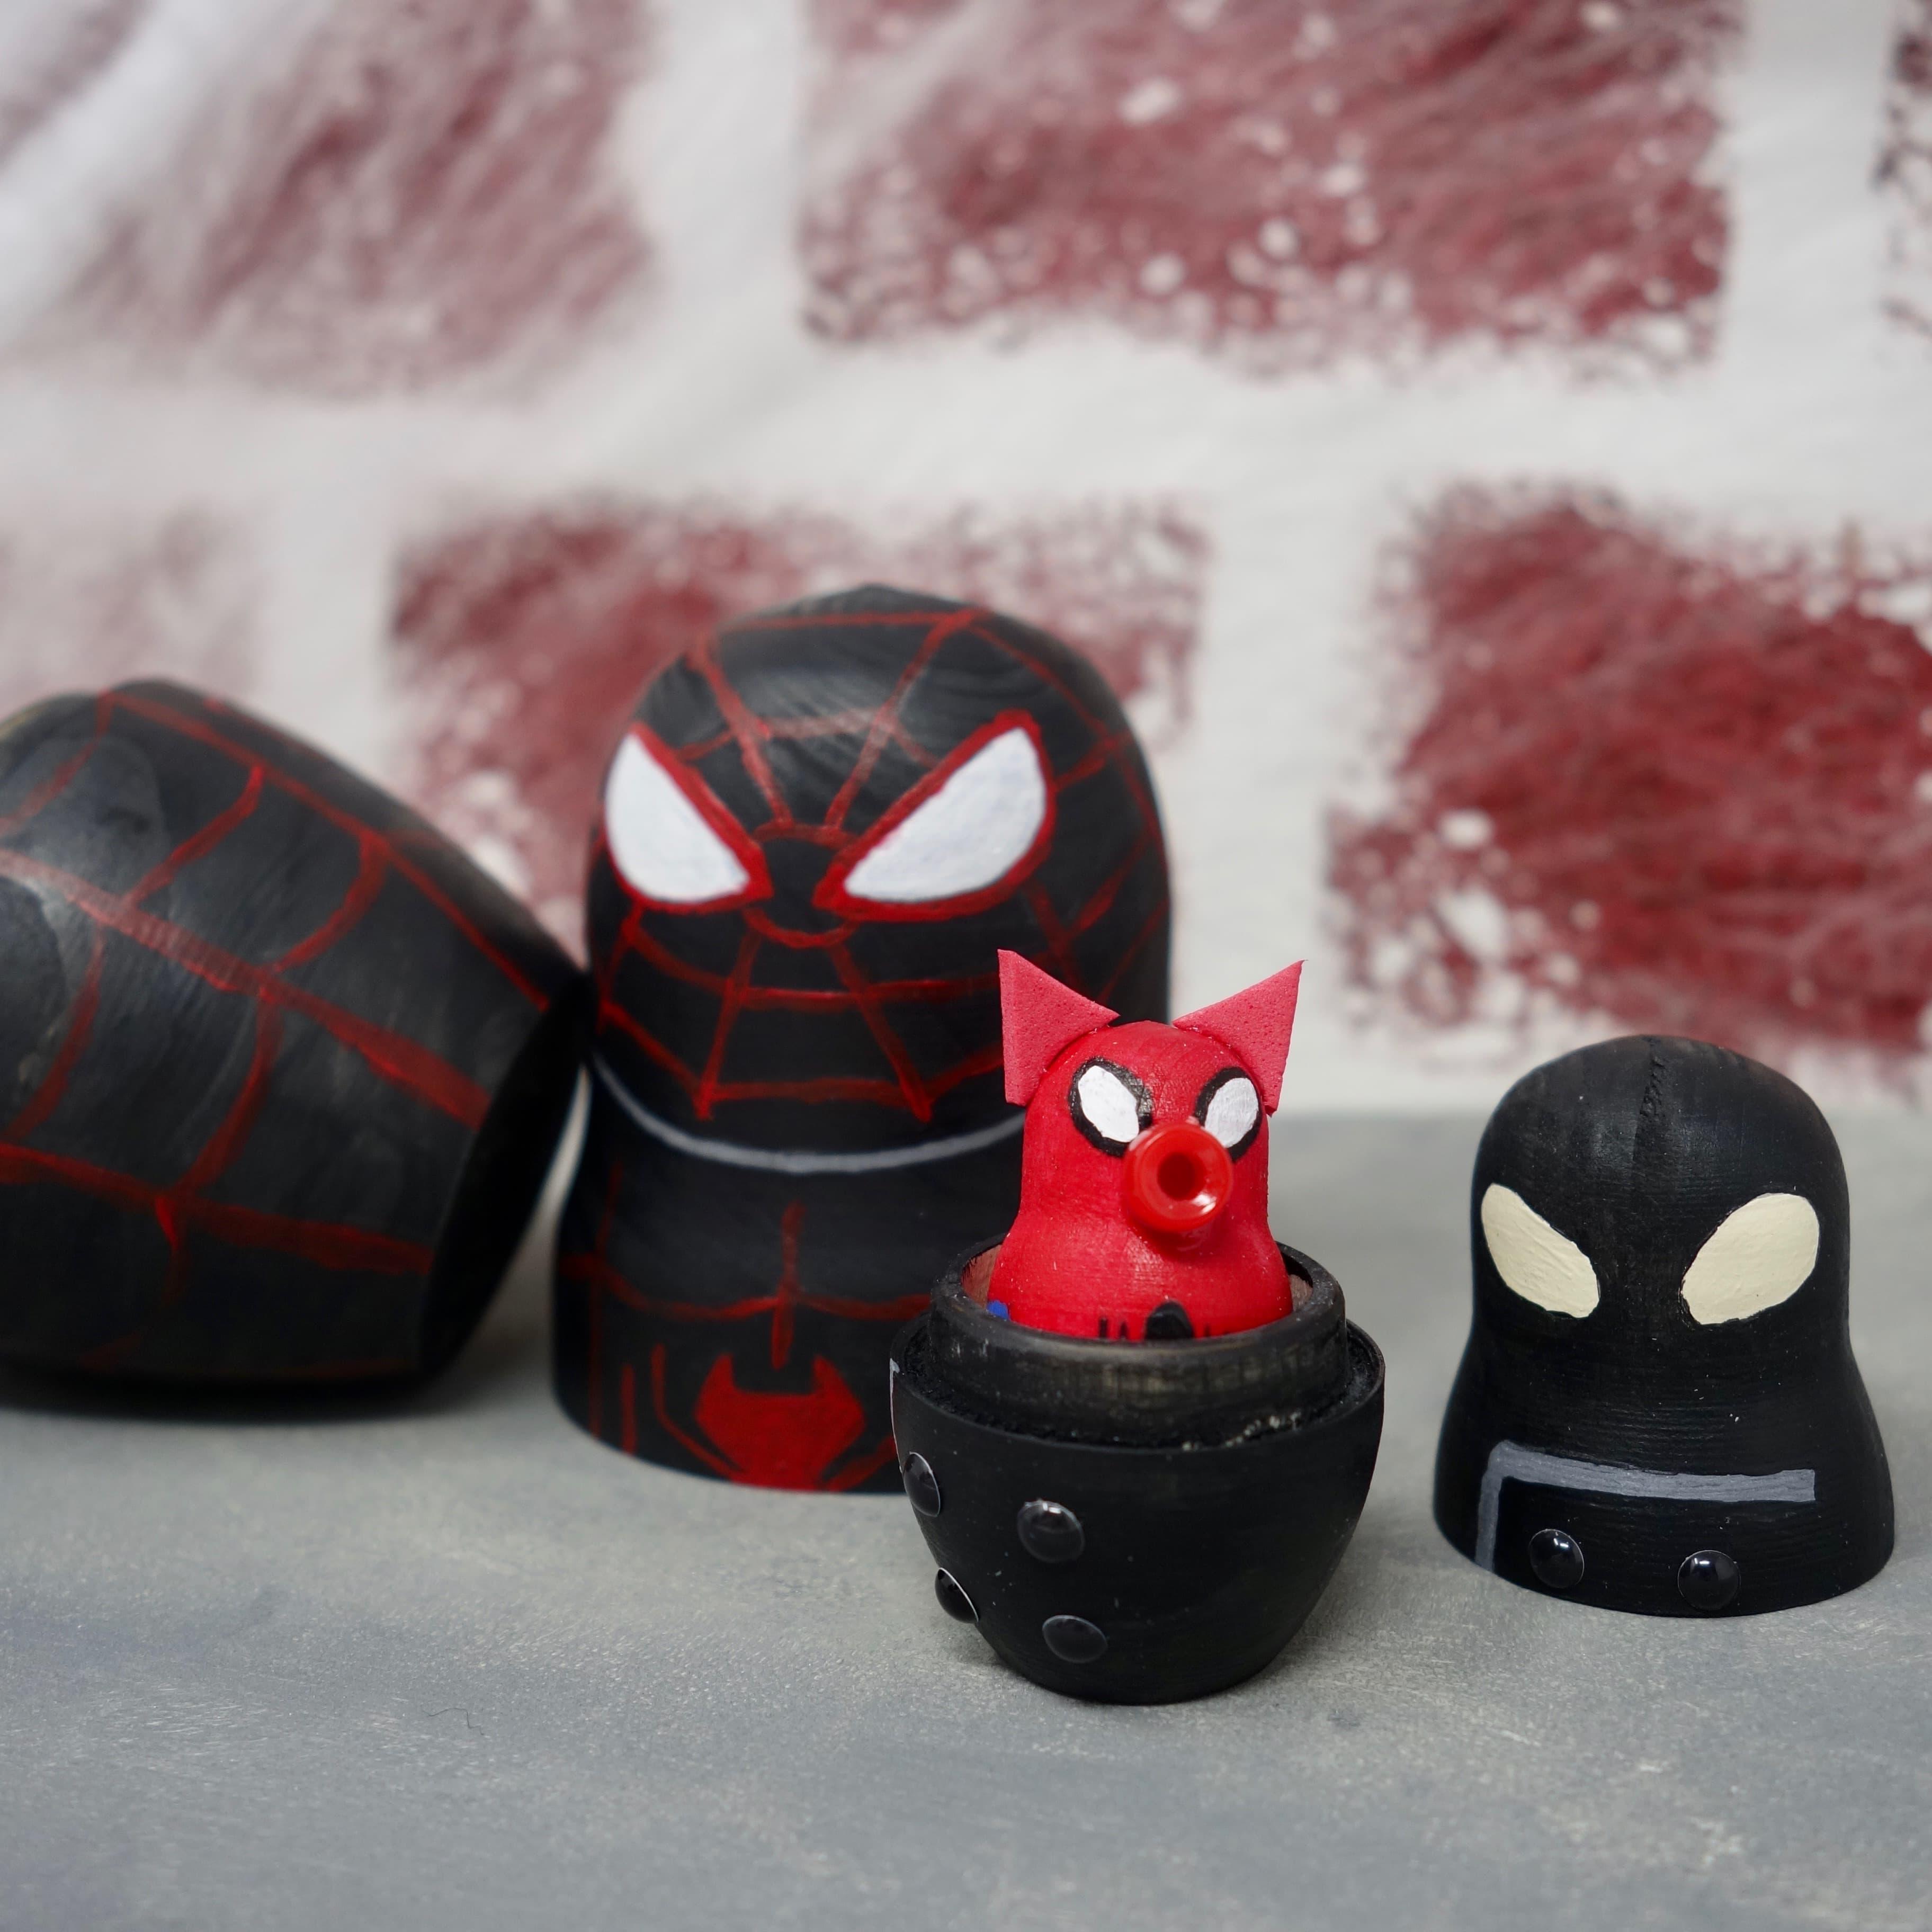 Spider-Geddon Nesting Dolls